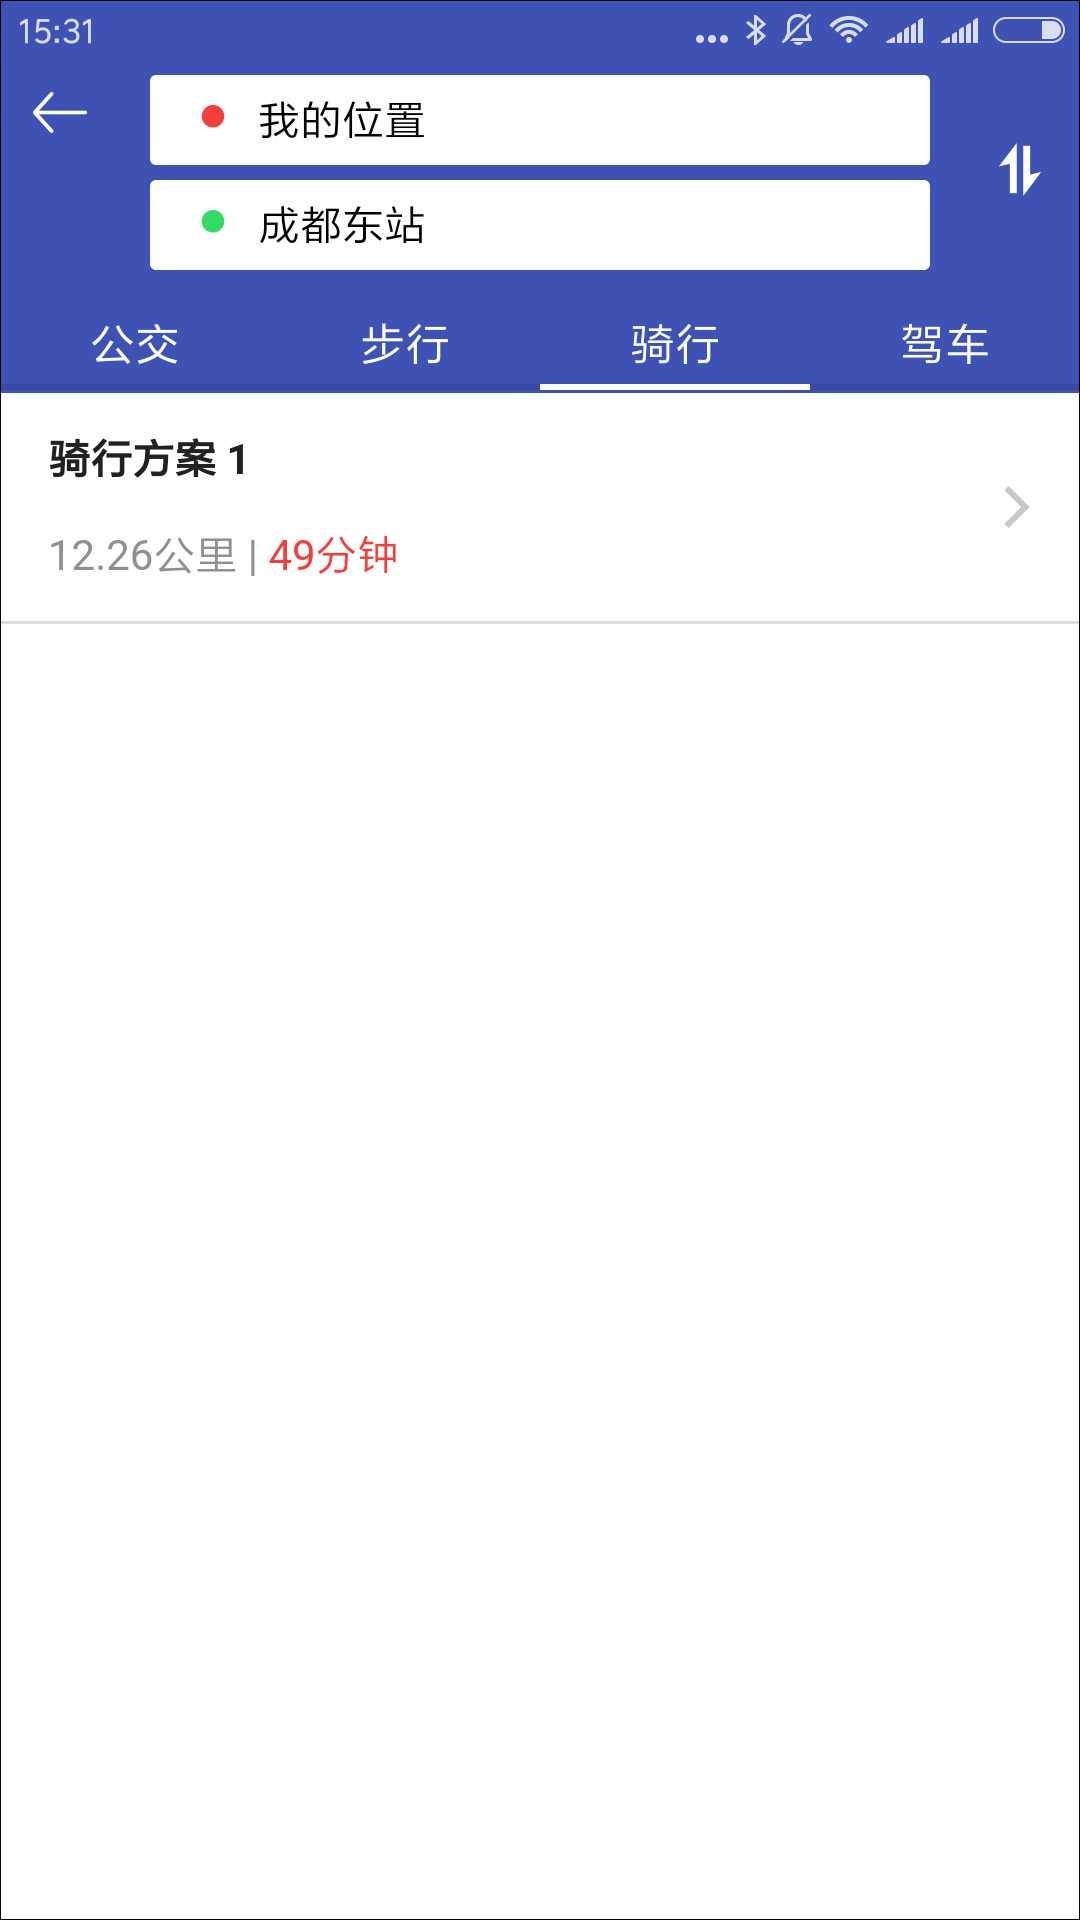 7奇行导航.jpg